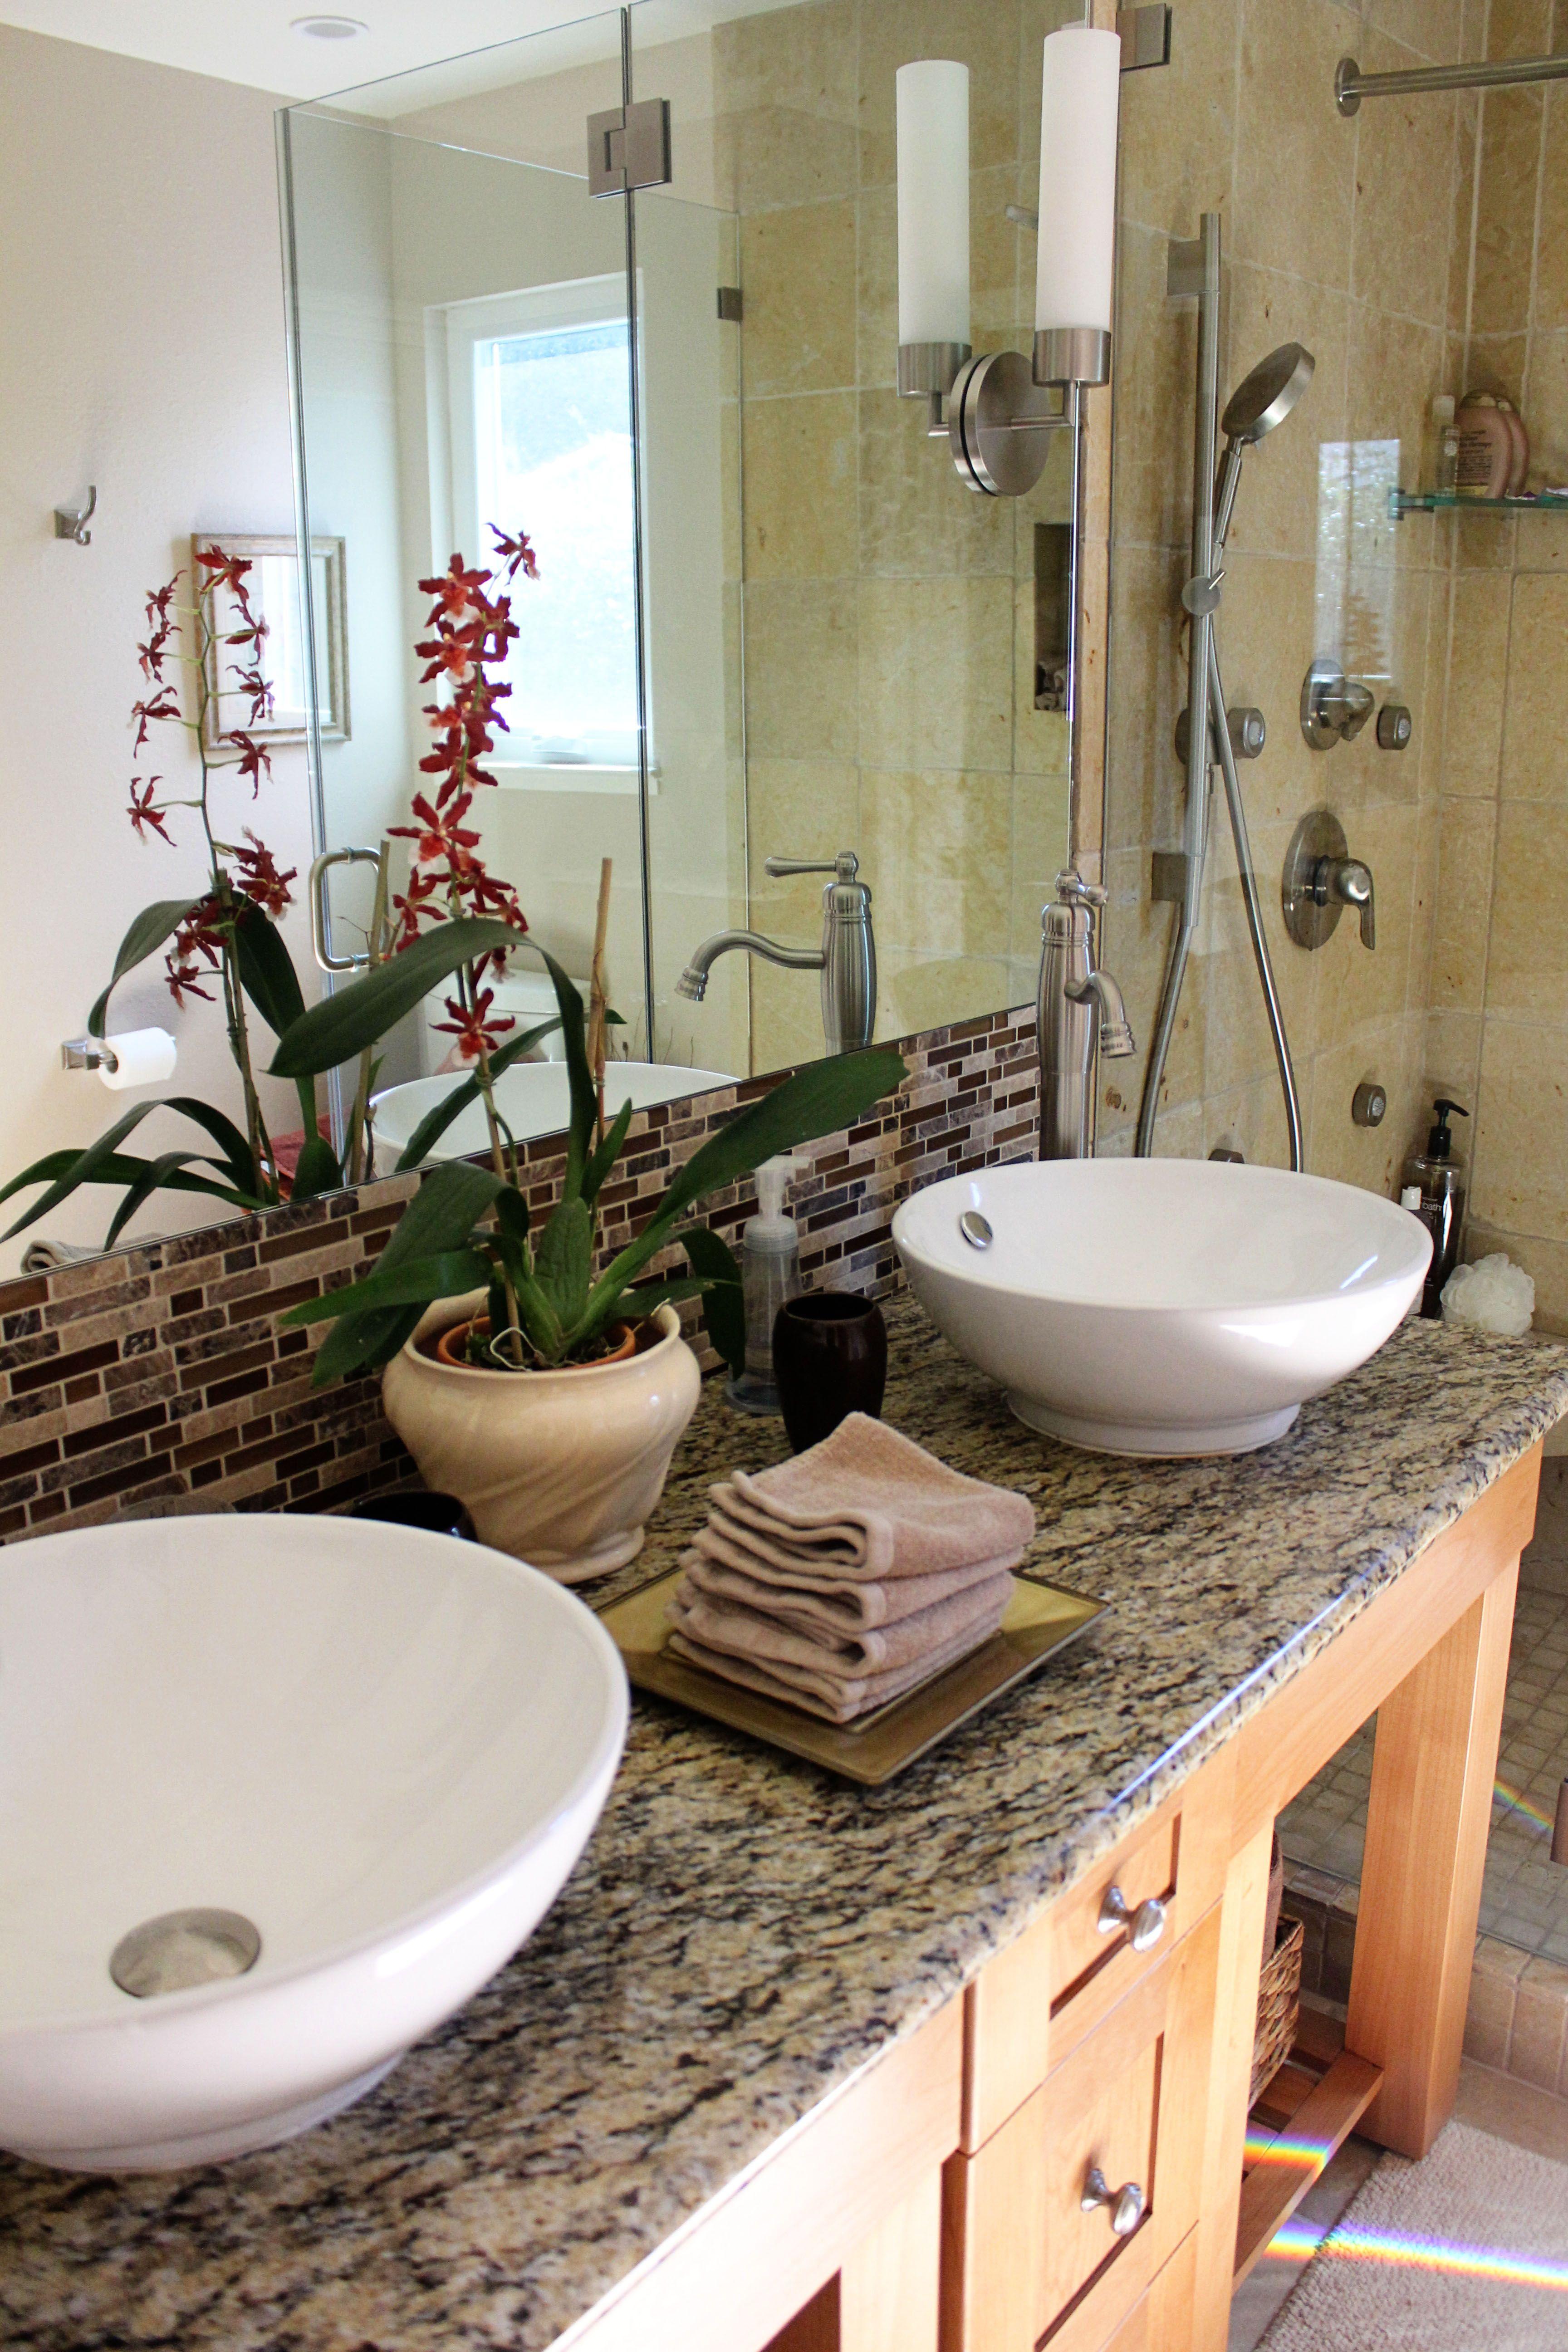 Fertige Badezimmer Entwürfe - Bringen Sie Ordnung in chaotischen